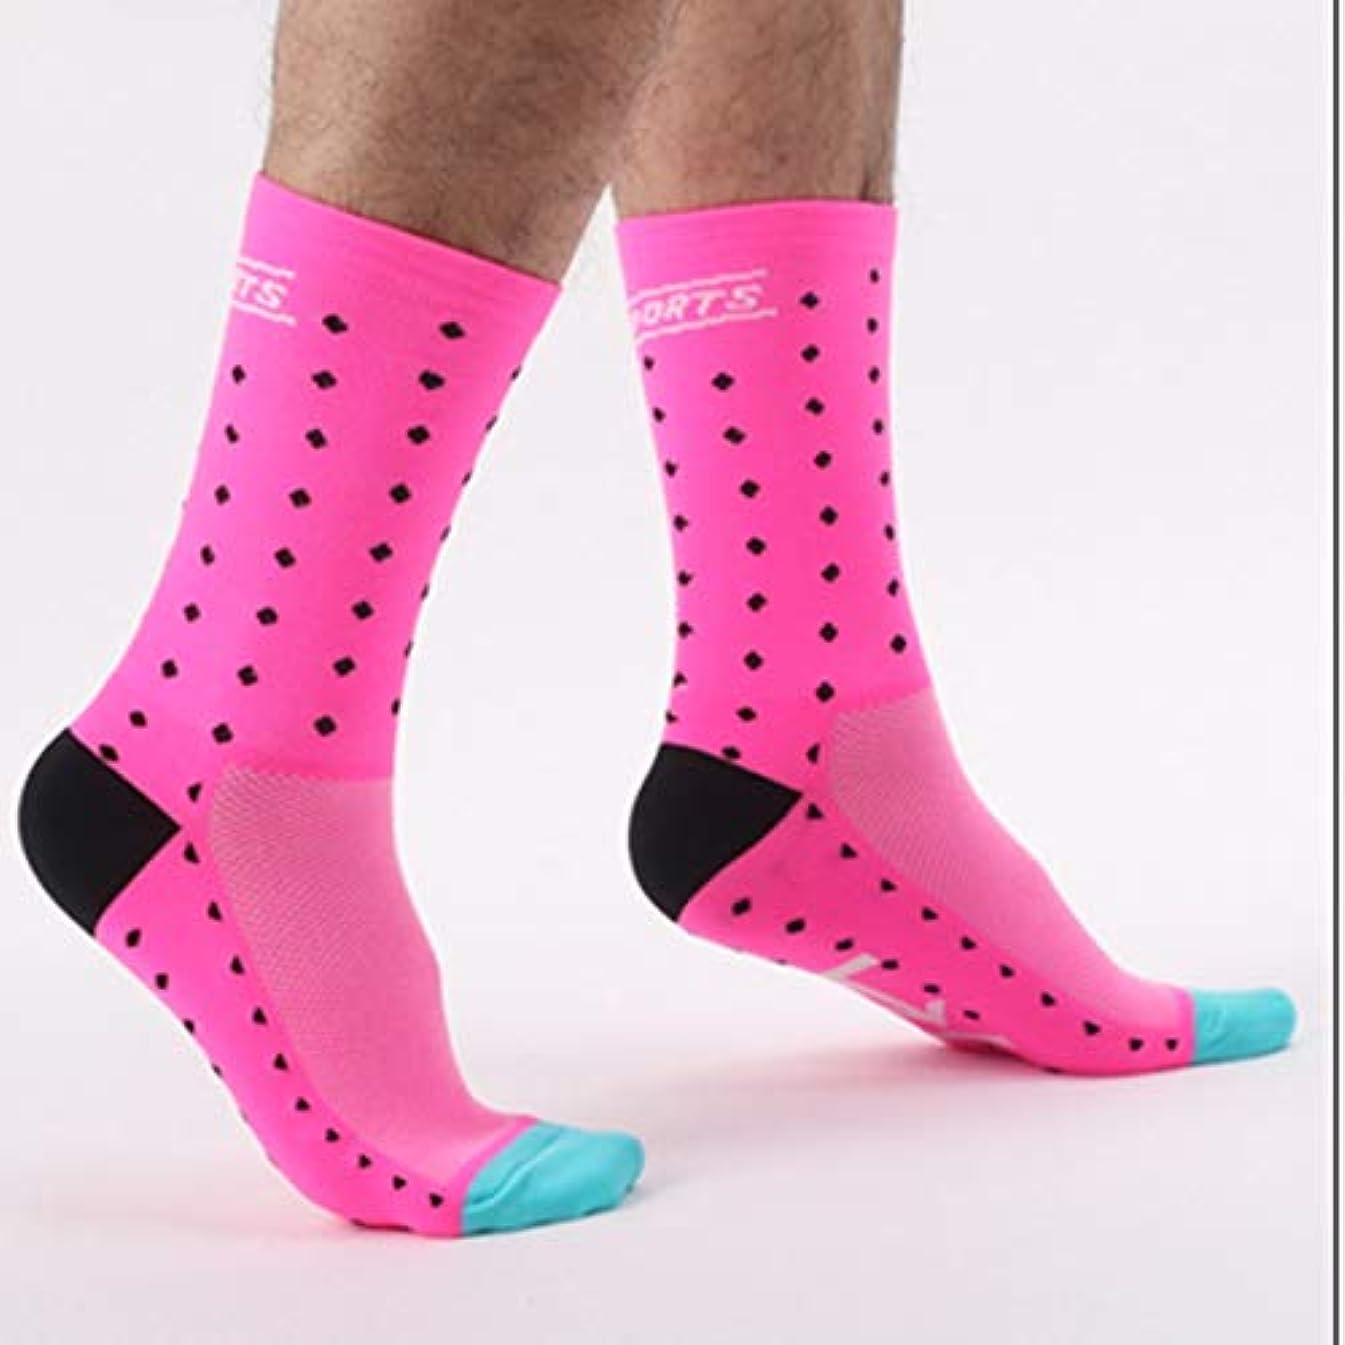 教会急流発掘DH04快適なファッショナブルな屋外サイクリングソックス男性女性プロの通気性スポーツソックスバスケットボールソックス - ピンク